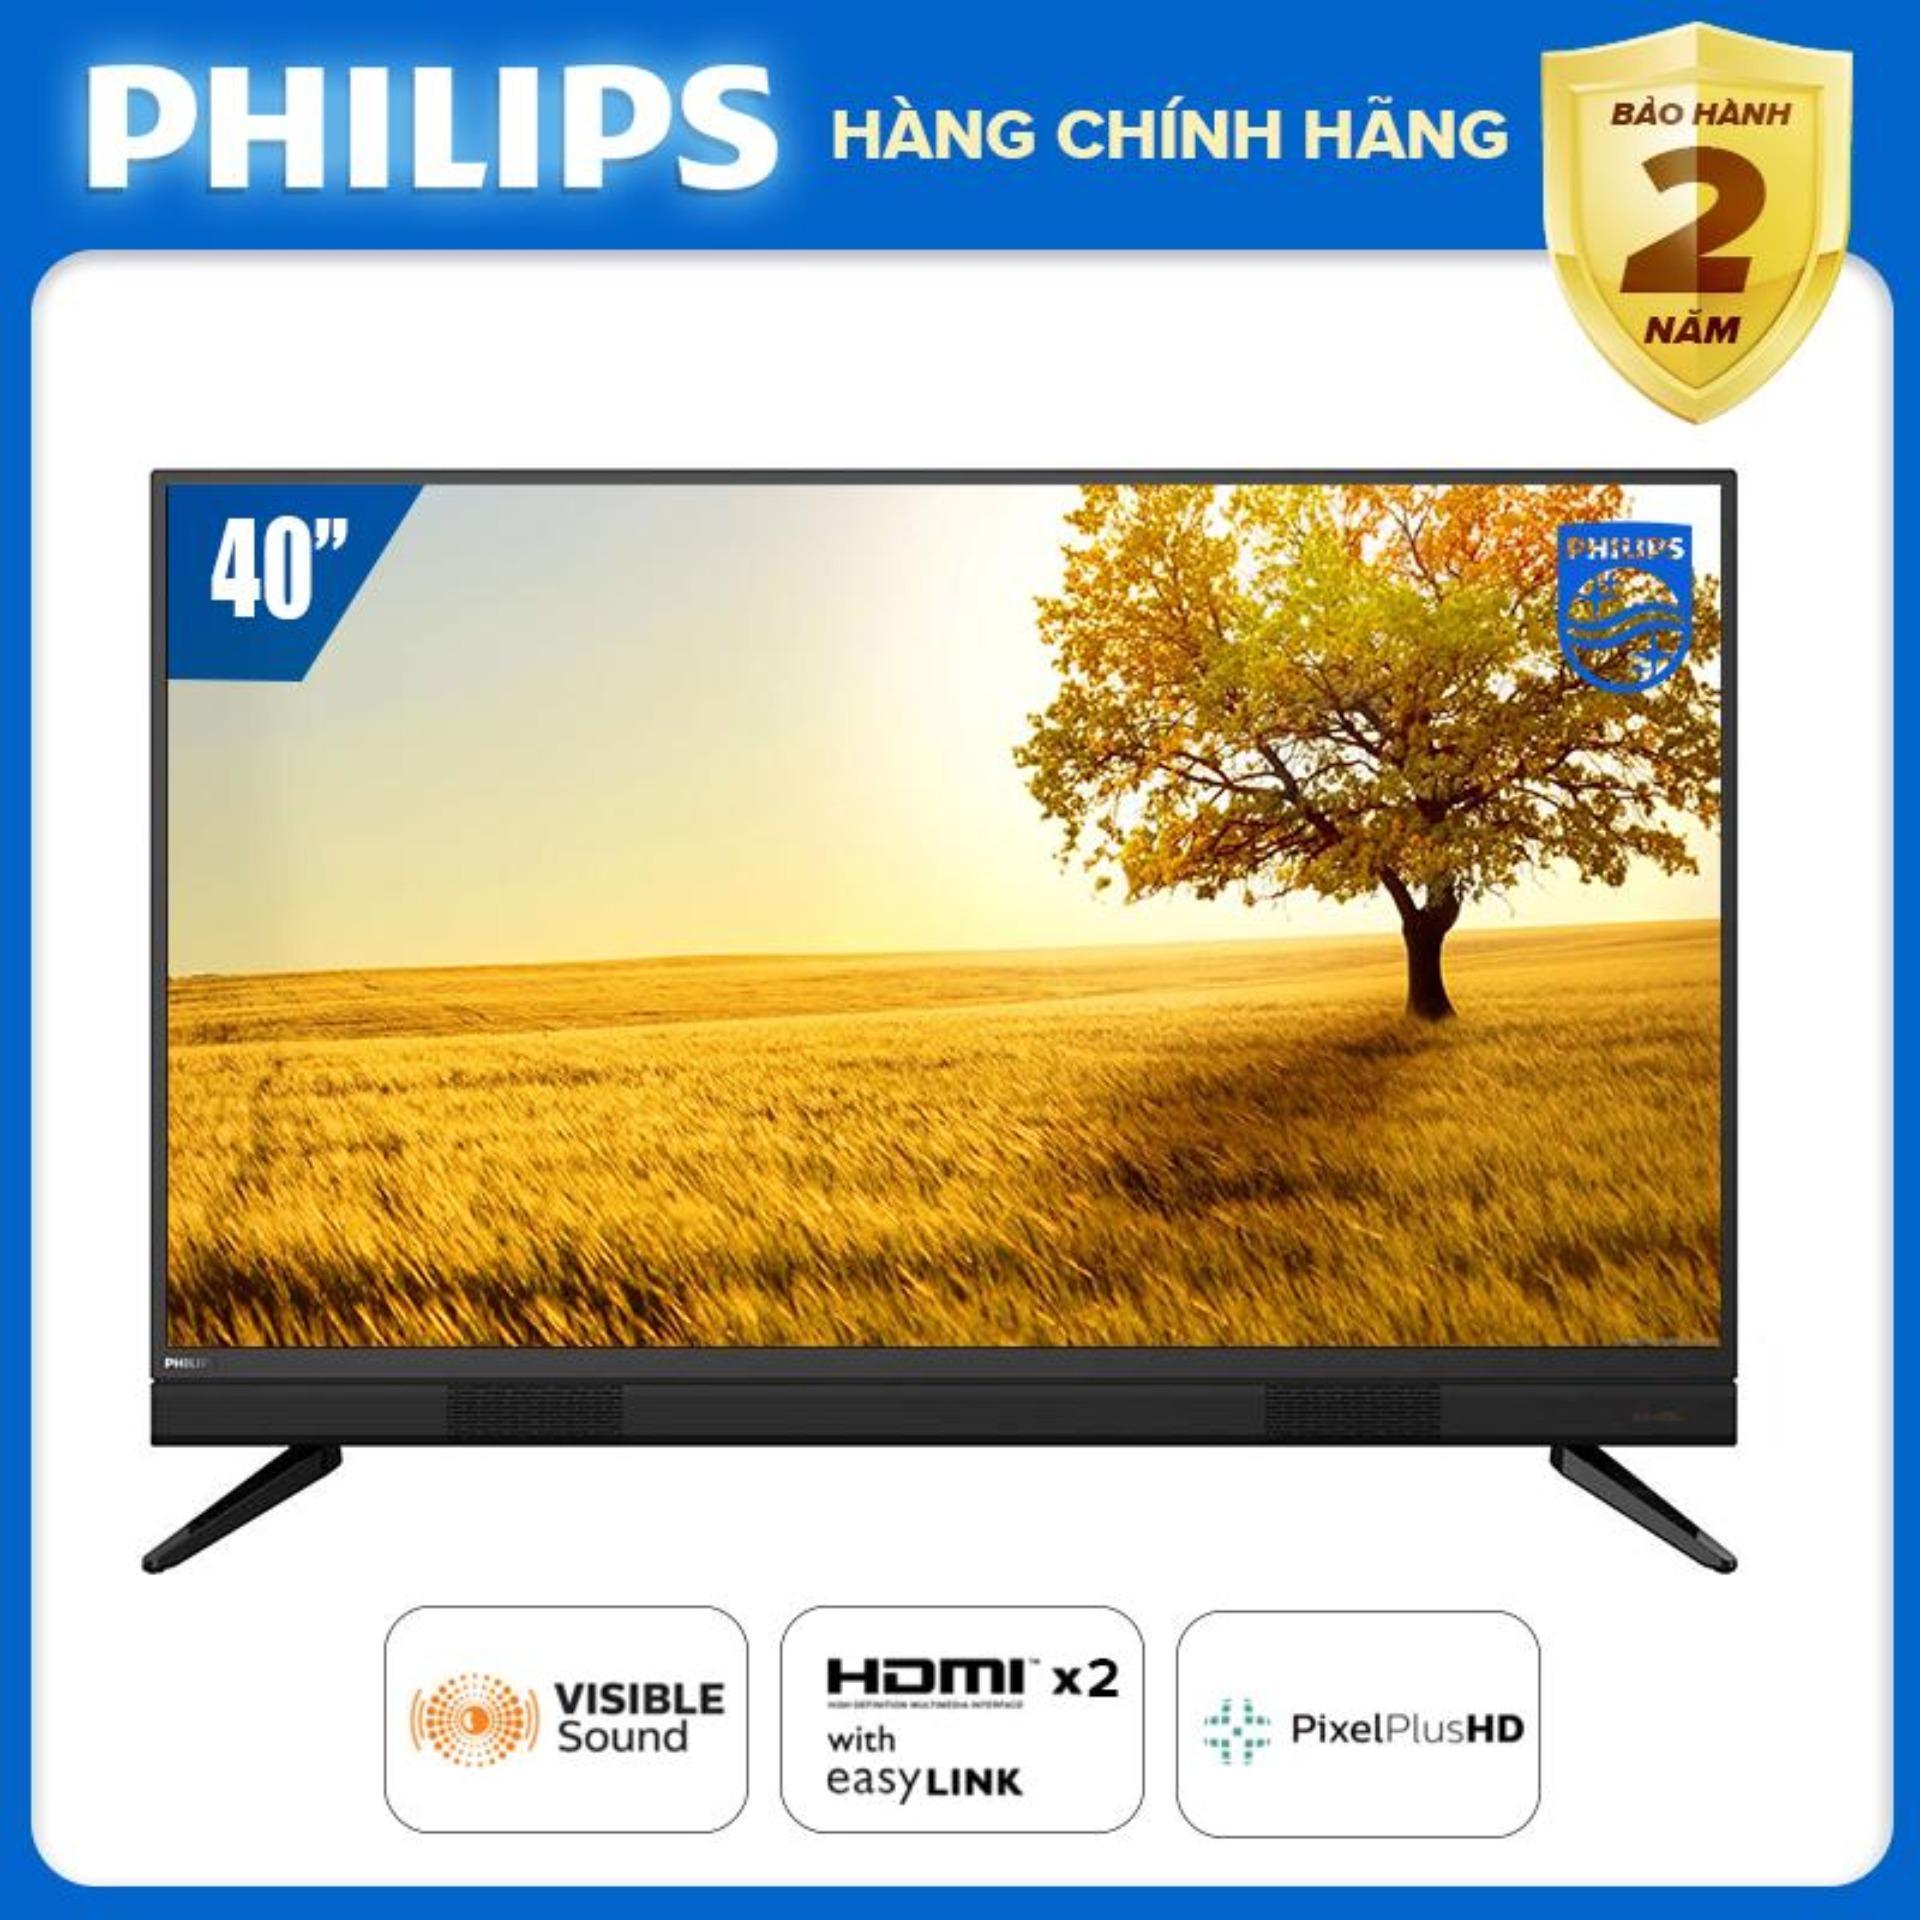 TIVI PHILIPS 40 INCH LED FULL HD 40PFT5583/74 (DIGITAL TV DVB-T2 HÀNG THÁI LAN) TIVI GIÁ RẺ TẶNG QUÀ USB XINH XẮN 16G - BẢO HÀNH 2 NĂM TẠI NHÀ